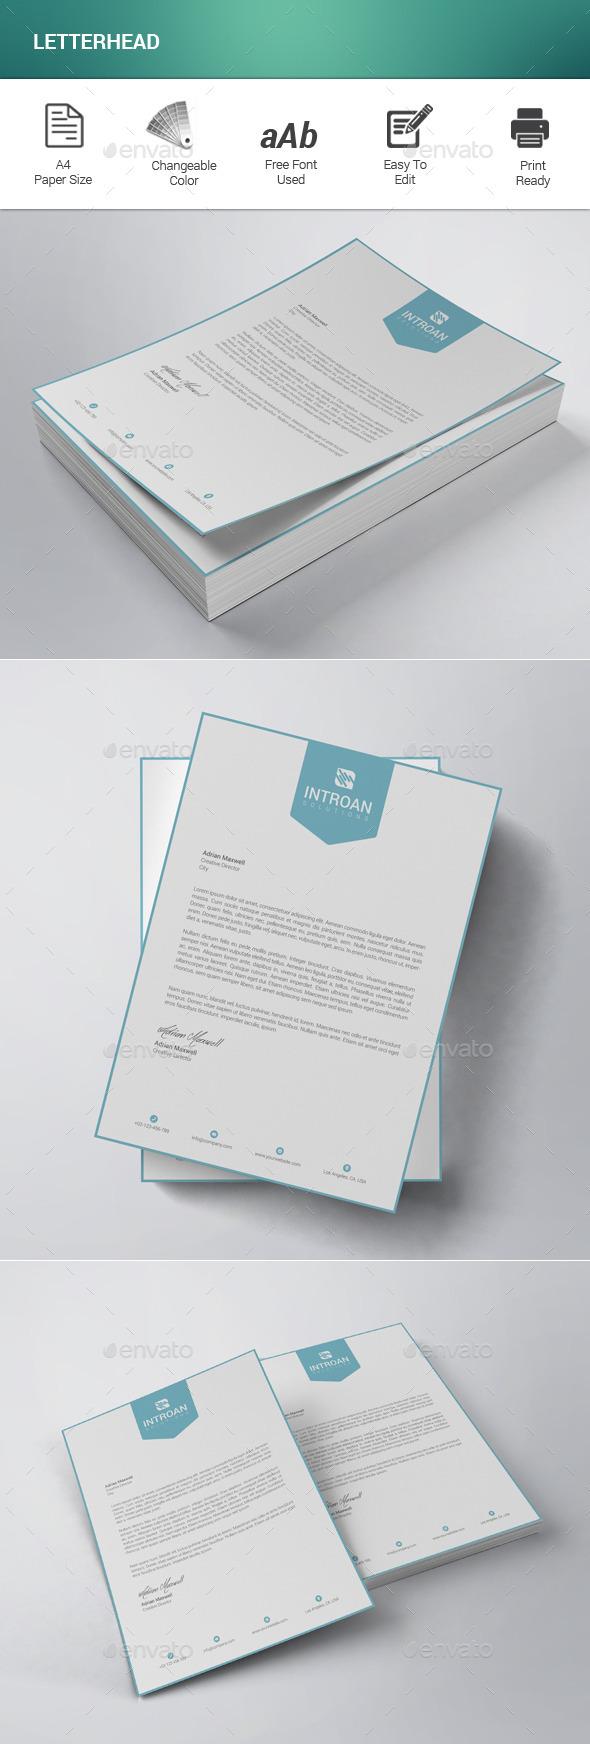 GraphicRiver Letterhead 11770777